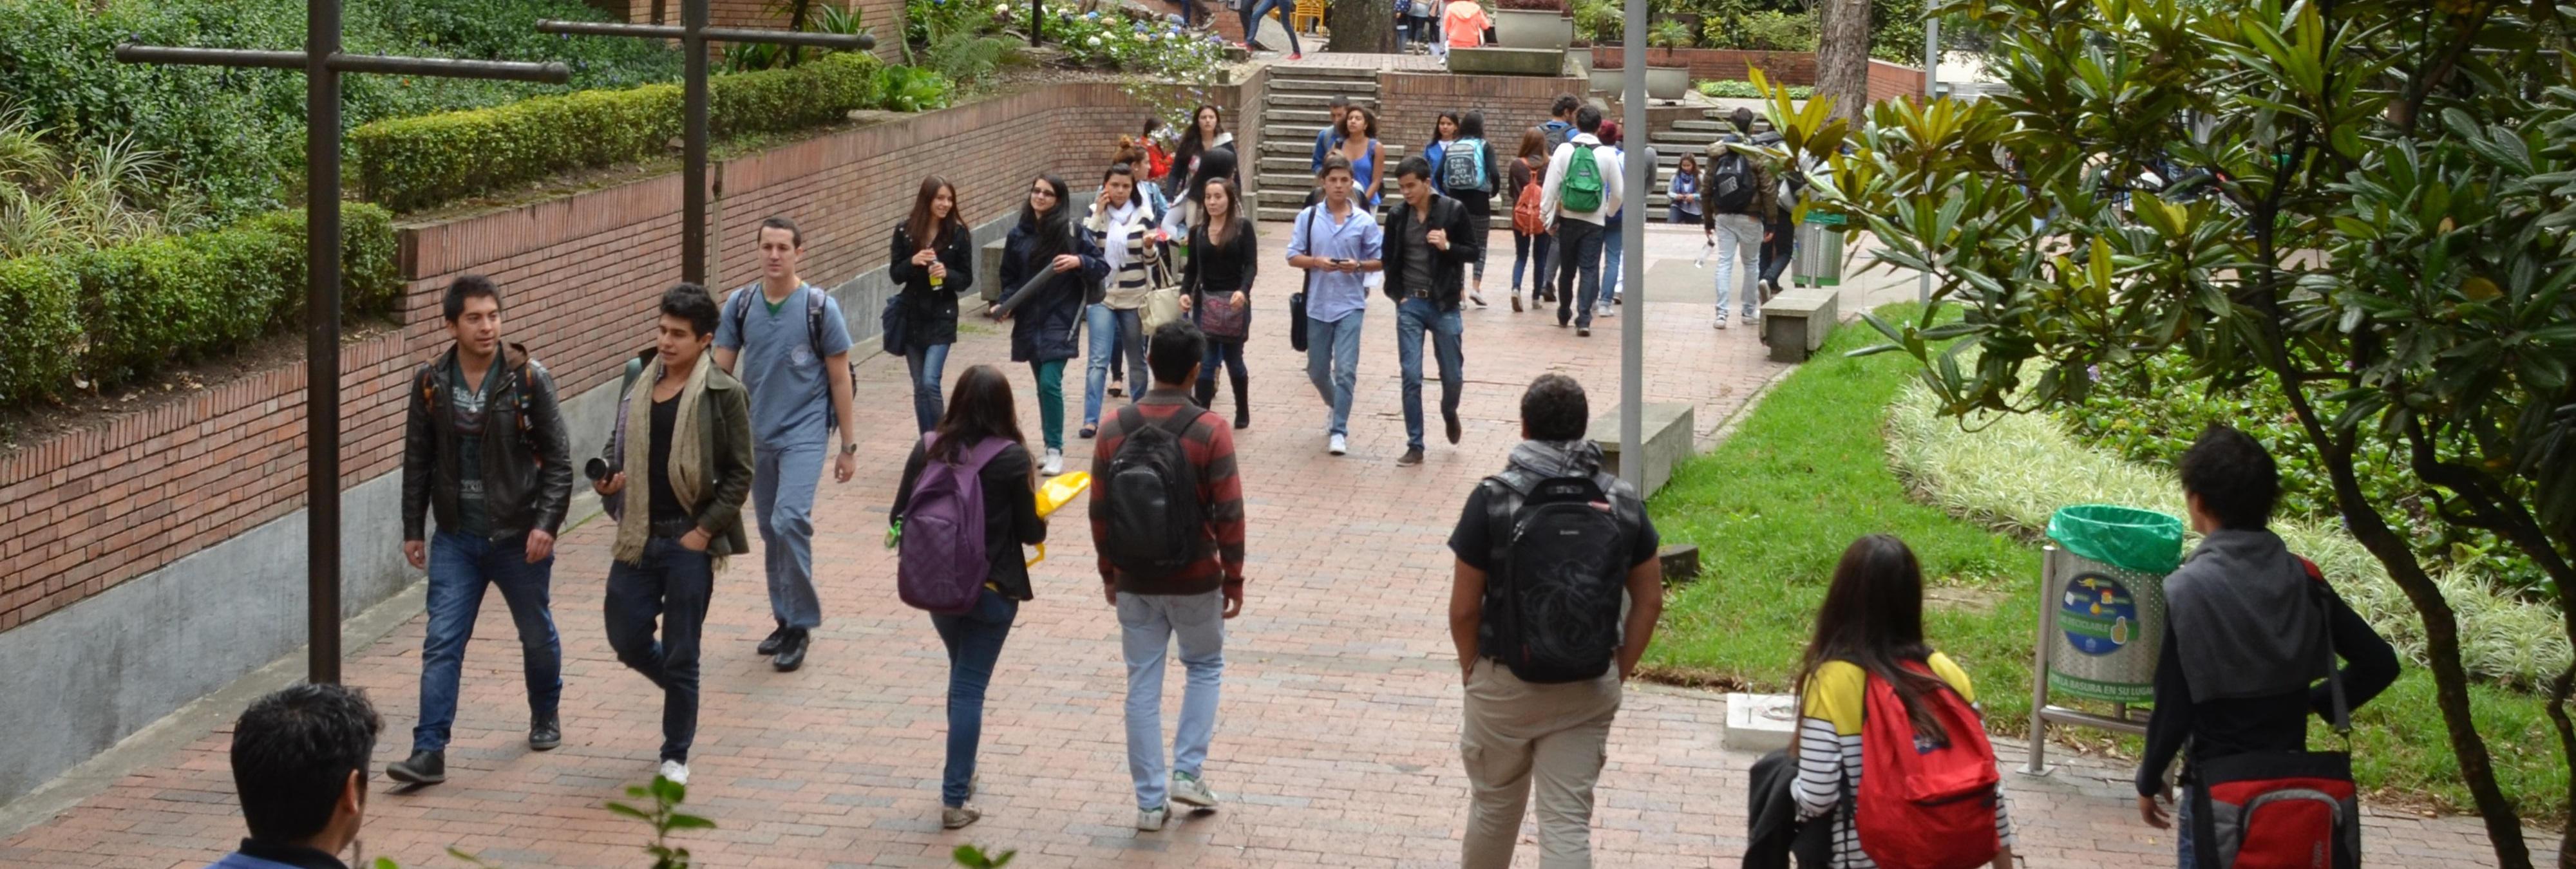 8 cosas que odias de volver a la universidad